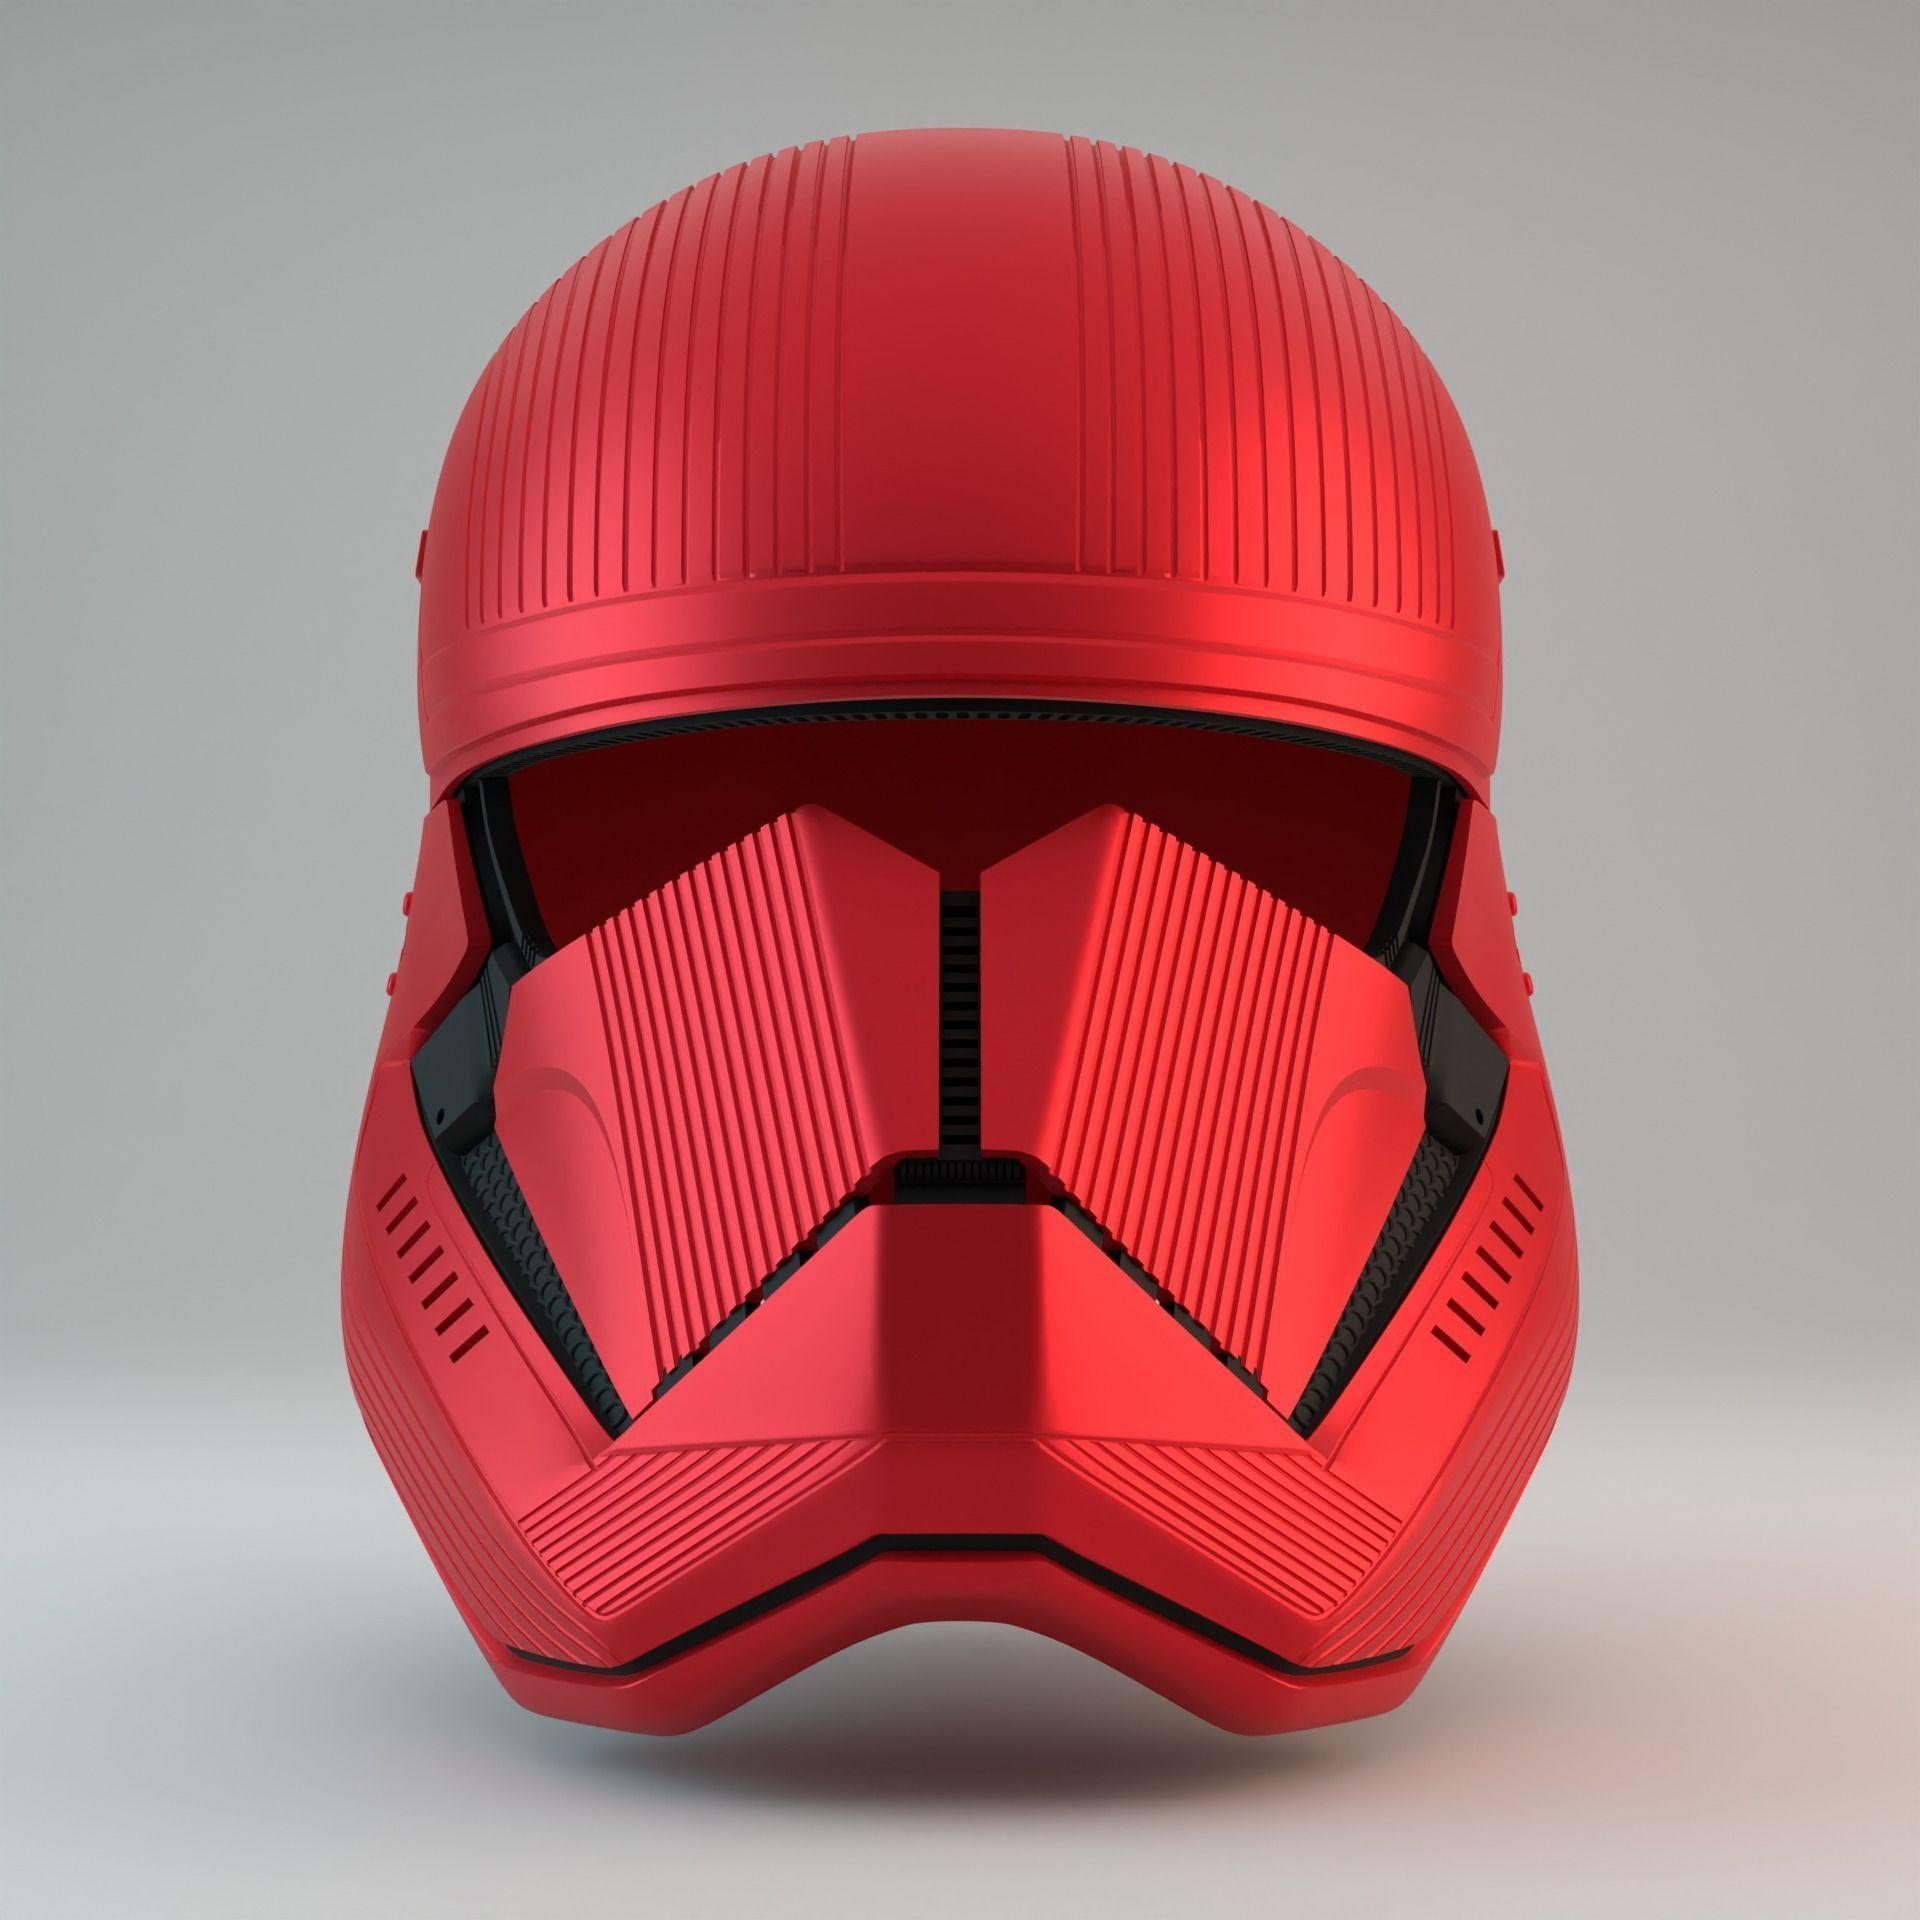 Sith Trooper Helmet - Star Wars The Rise Of The Skywalker